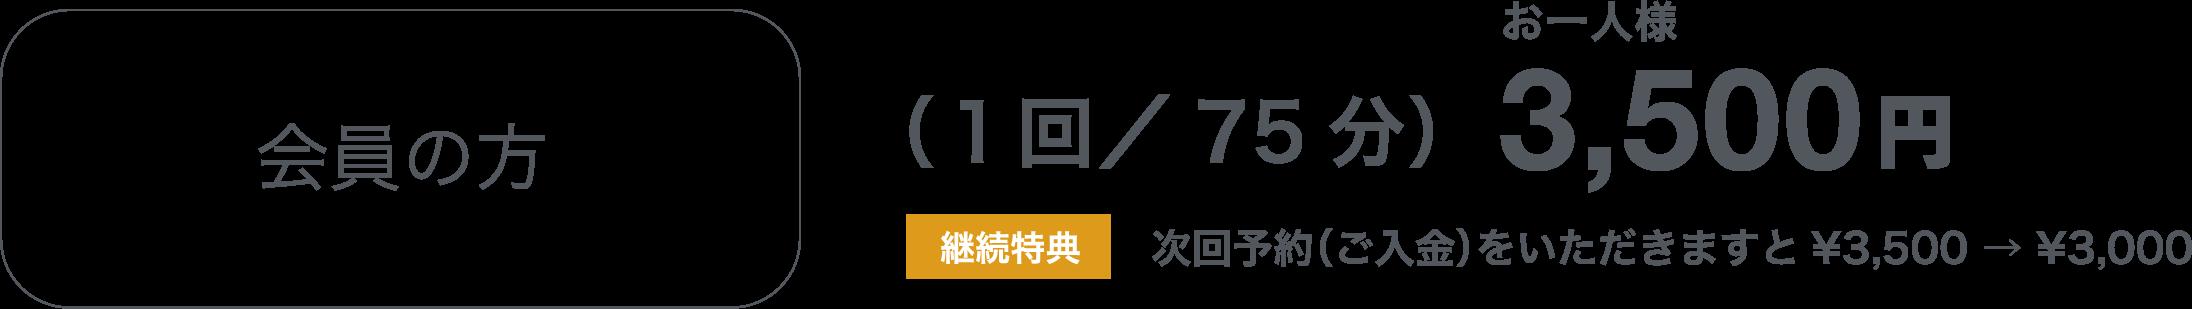 会員の方(1回/75分)3,500円